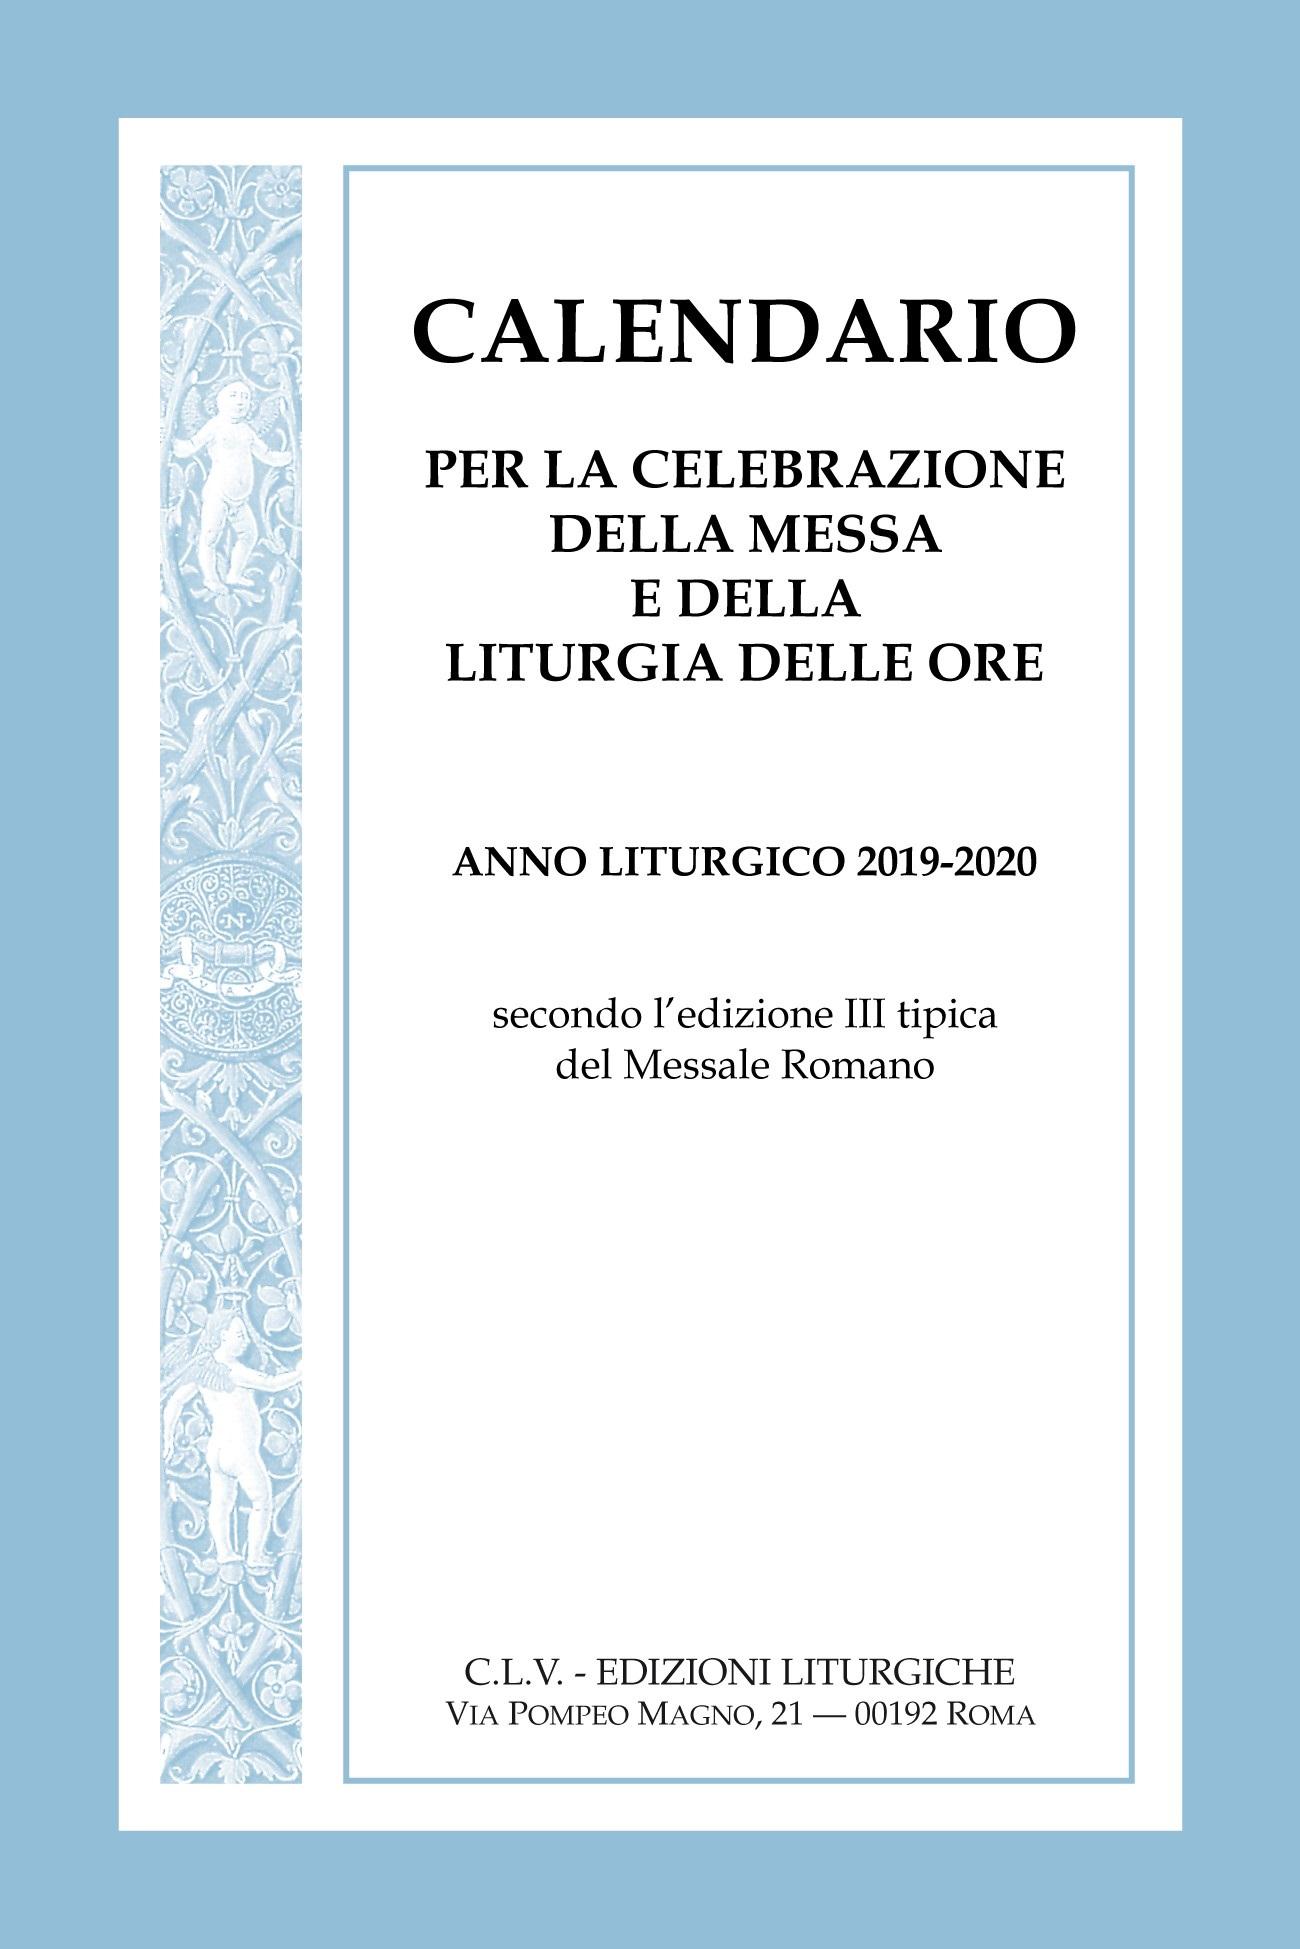 Calendario Liturgico Romano 2020.Calendario Per La Celebrazione Della Messa E Della Liturgia